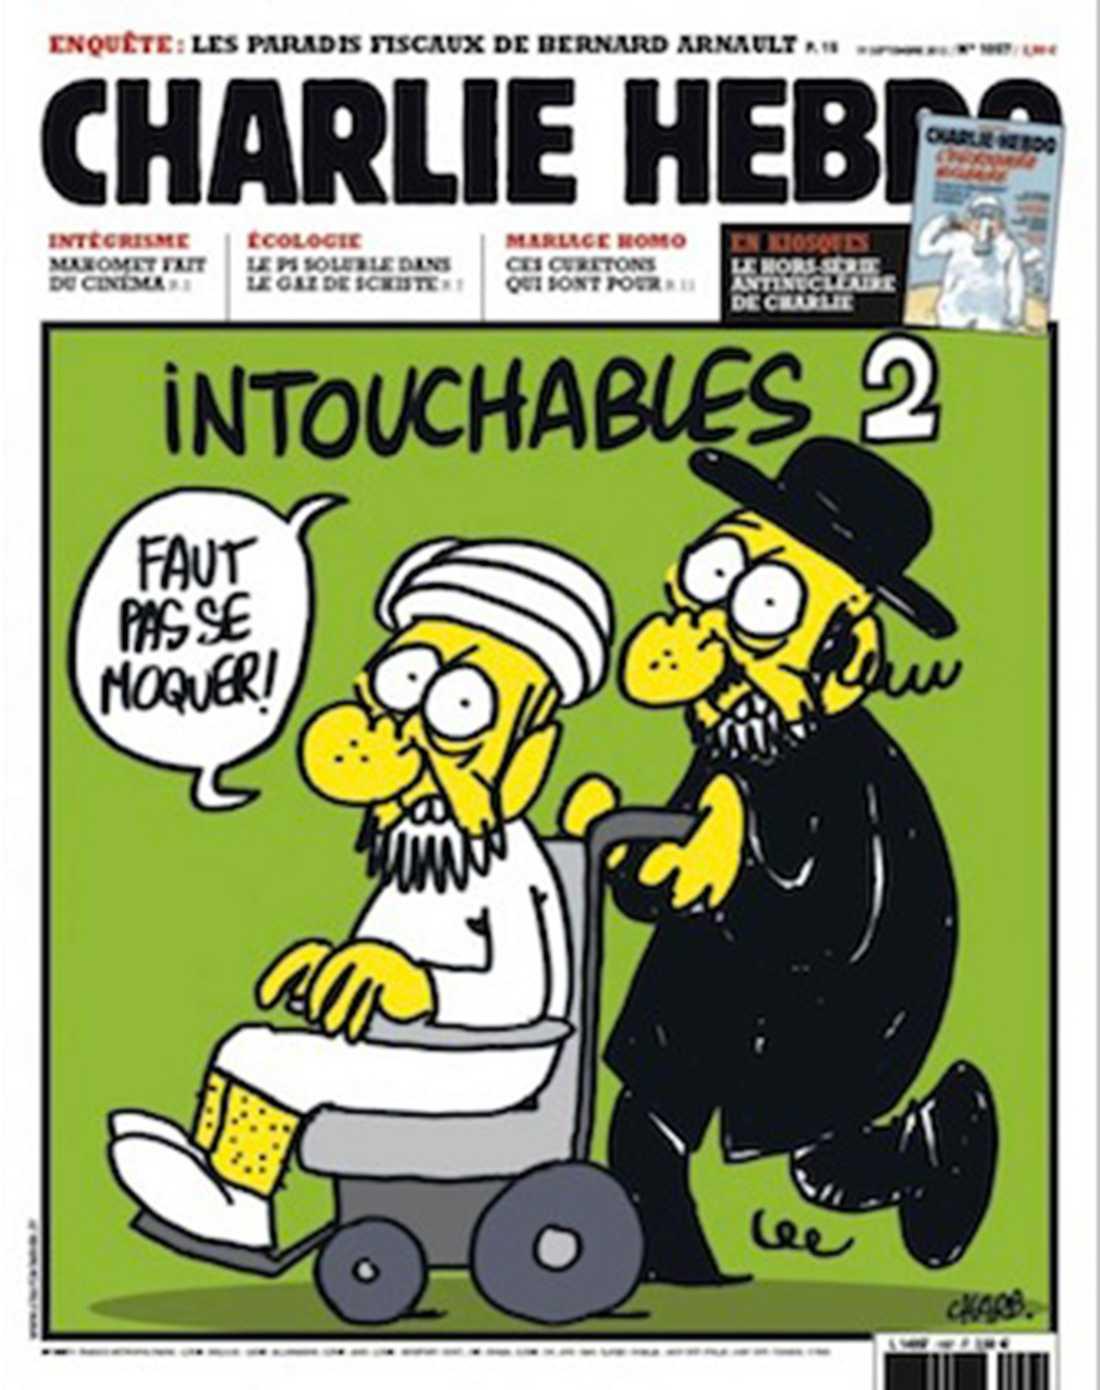 """NÅGRA AV CHARLIE HEBDOS FÖRSTASIDOR Apropå den franska filmen """"En oväntad vänskap"""" som på franska heter """"Intouchables"""". En ortodox jude skjutsar en muslim i rollstol och de säger att """"man inte får retas""""."""